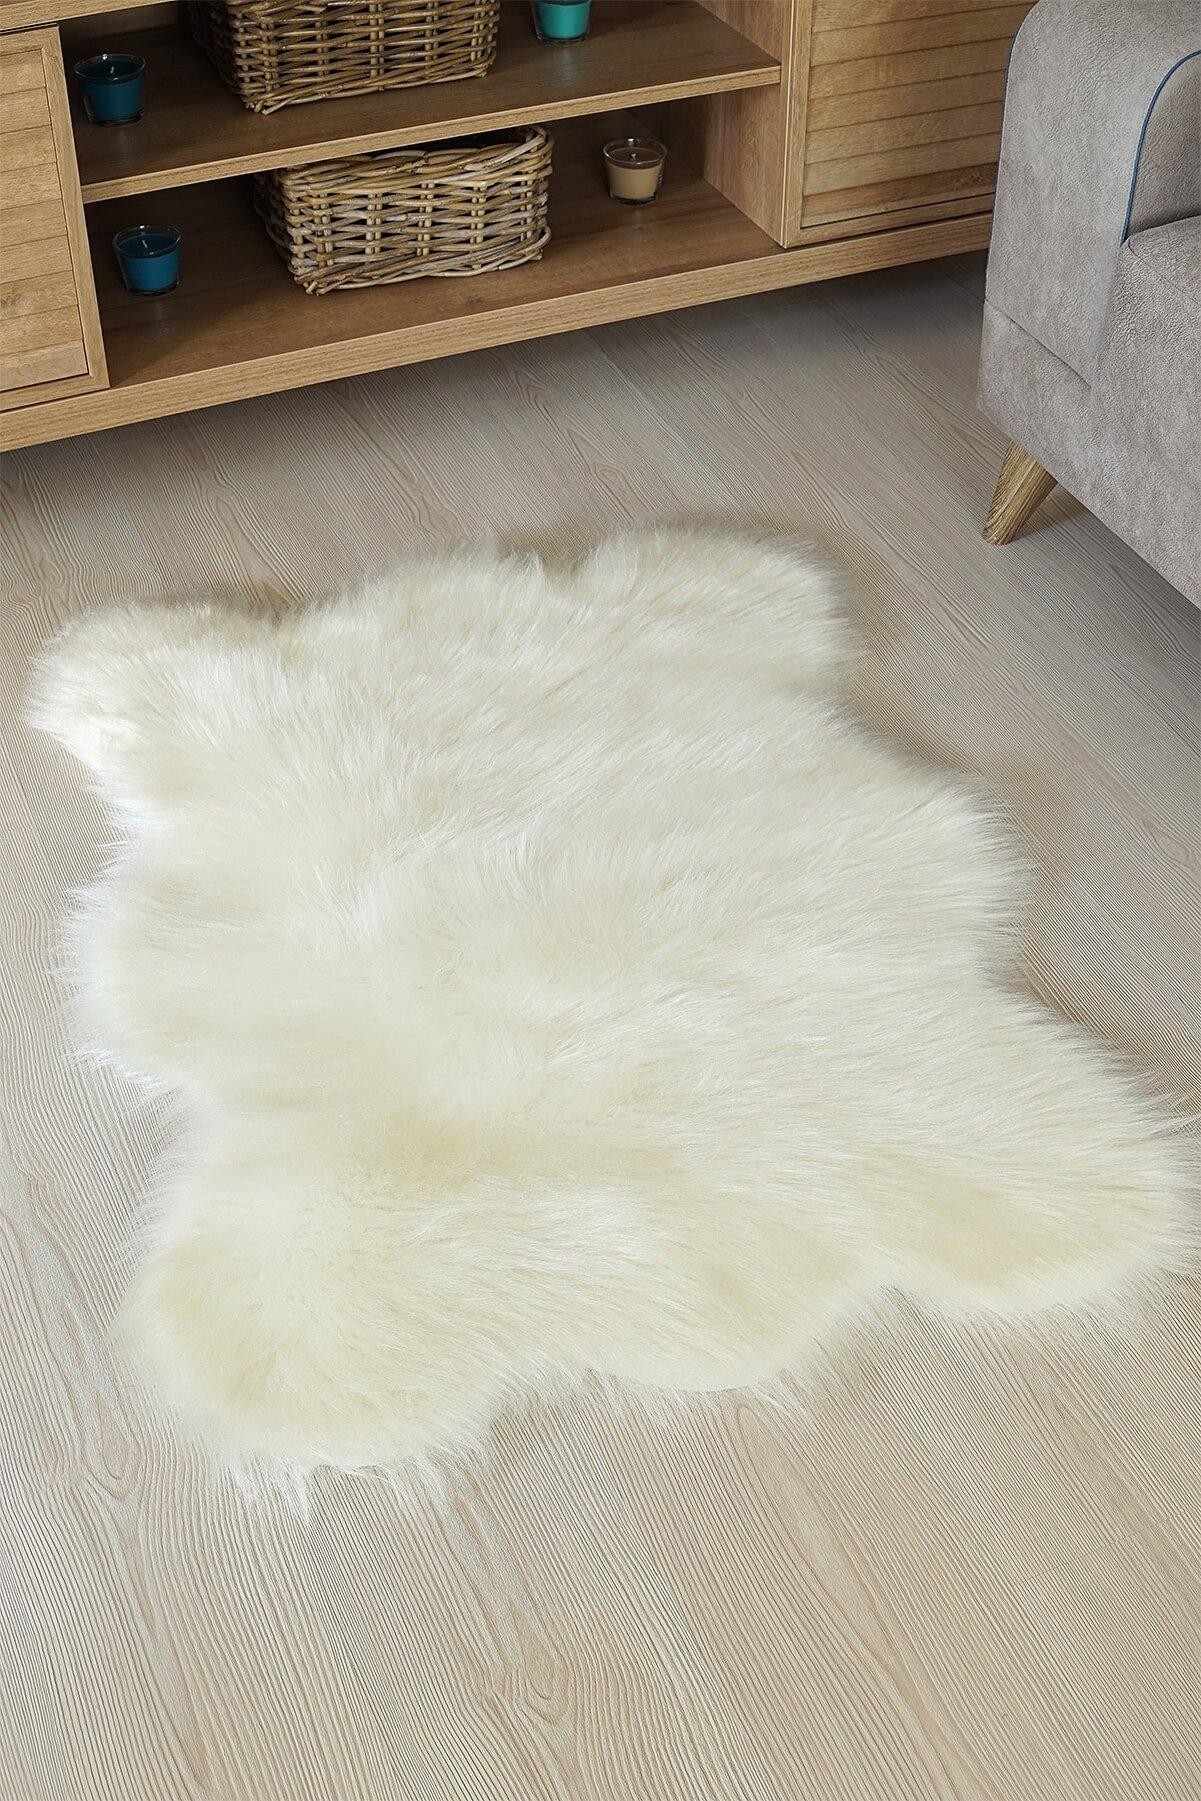 Kaizen Carpet Dekoratif Peluş Akrilik Post Halı 70x100 Cm Krem